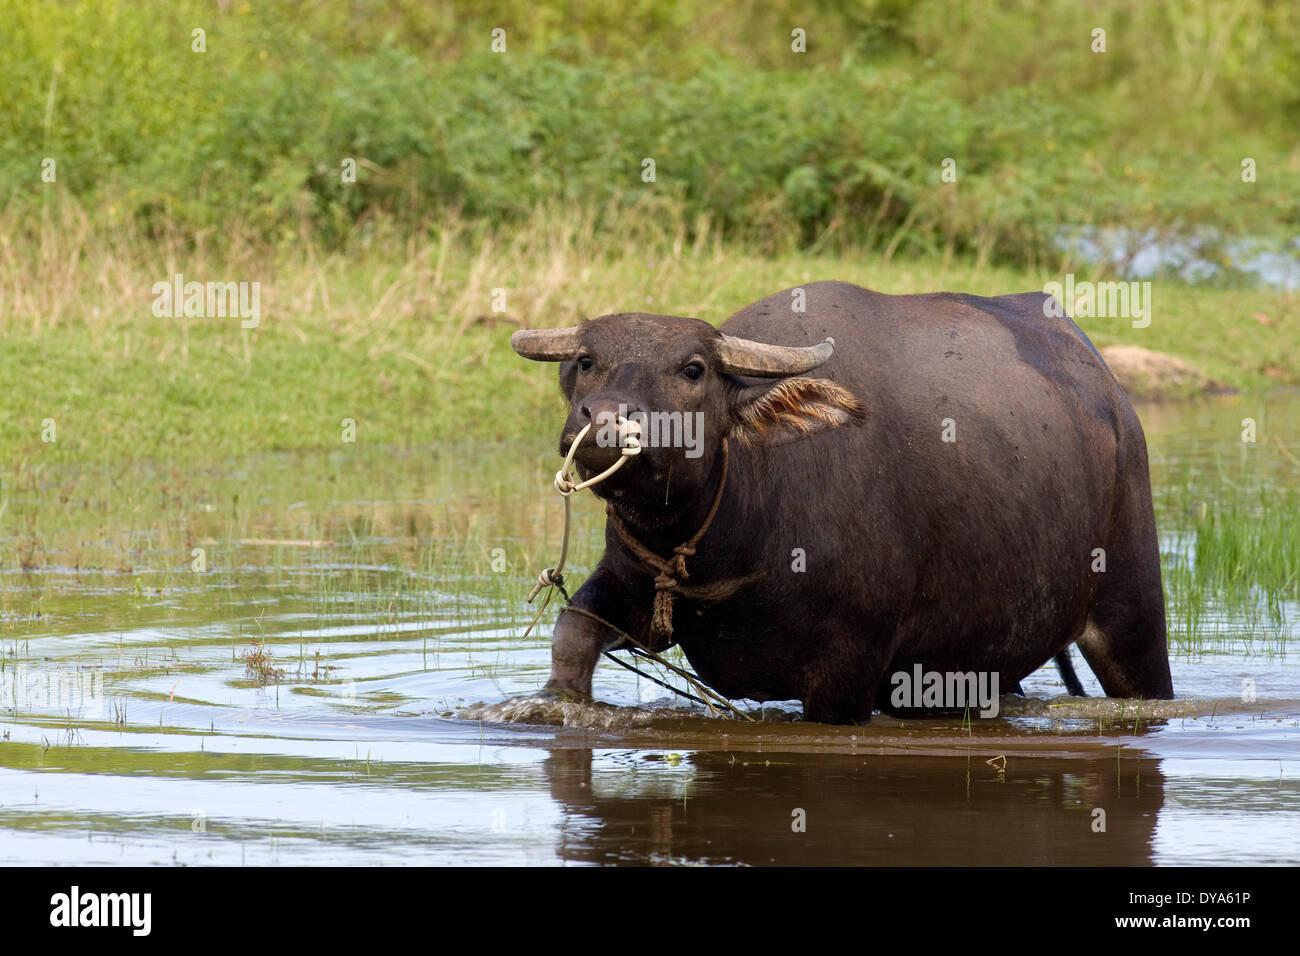 arnee Artiodactyla Asian Asia outside buffaloes Bovidae bubalis bubalus water horns hoofed animal island Langkawi Malaysia, - Stock Image